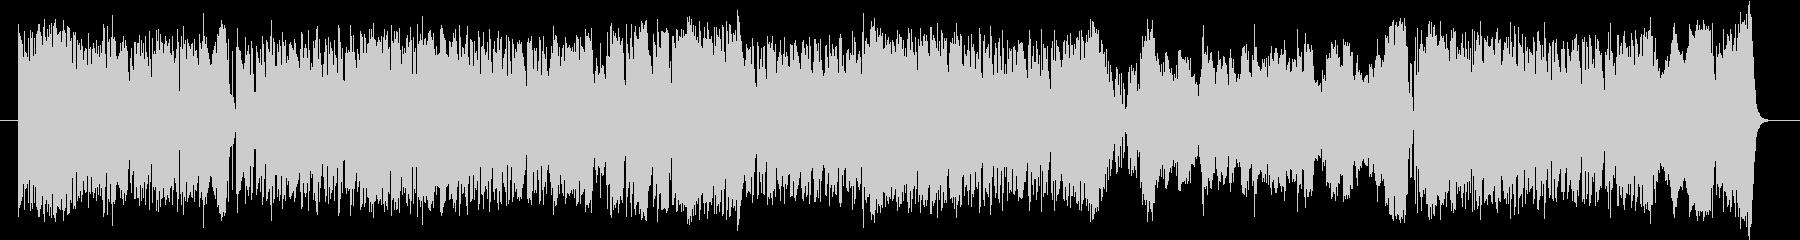 ミディアムテンポの4ビート楽曲と行進曲…の未再生の波形